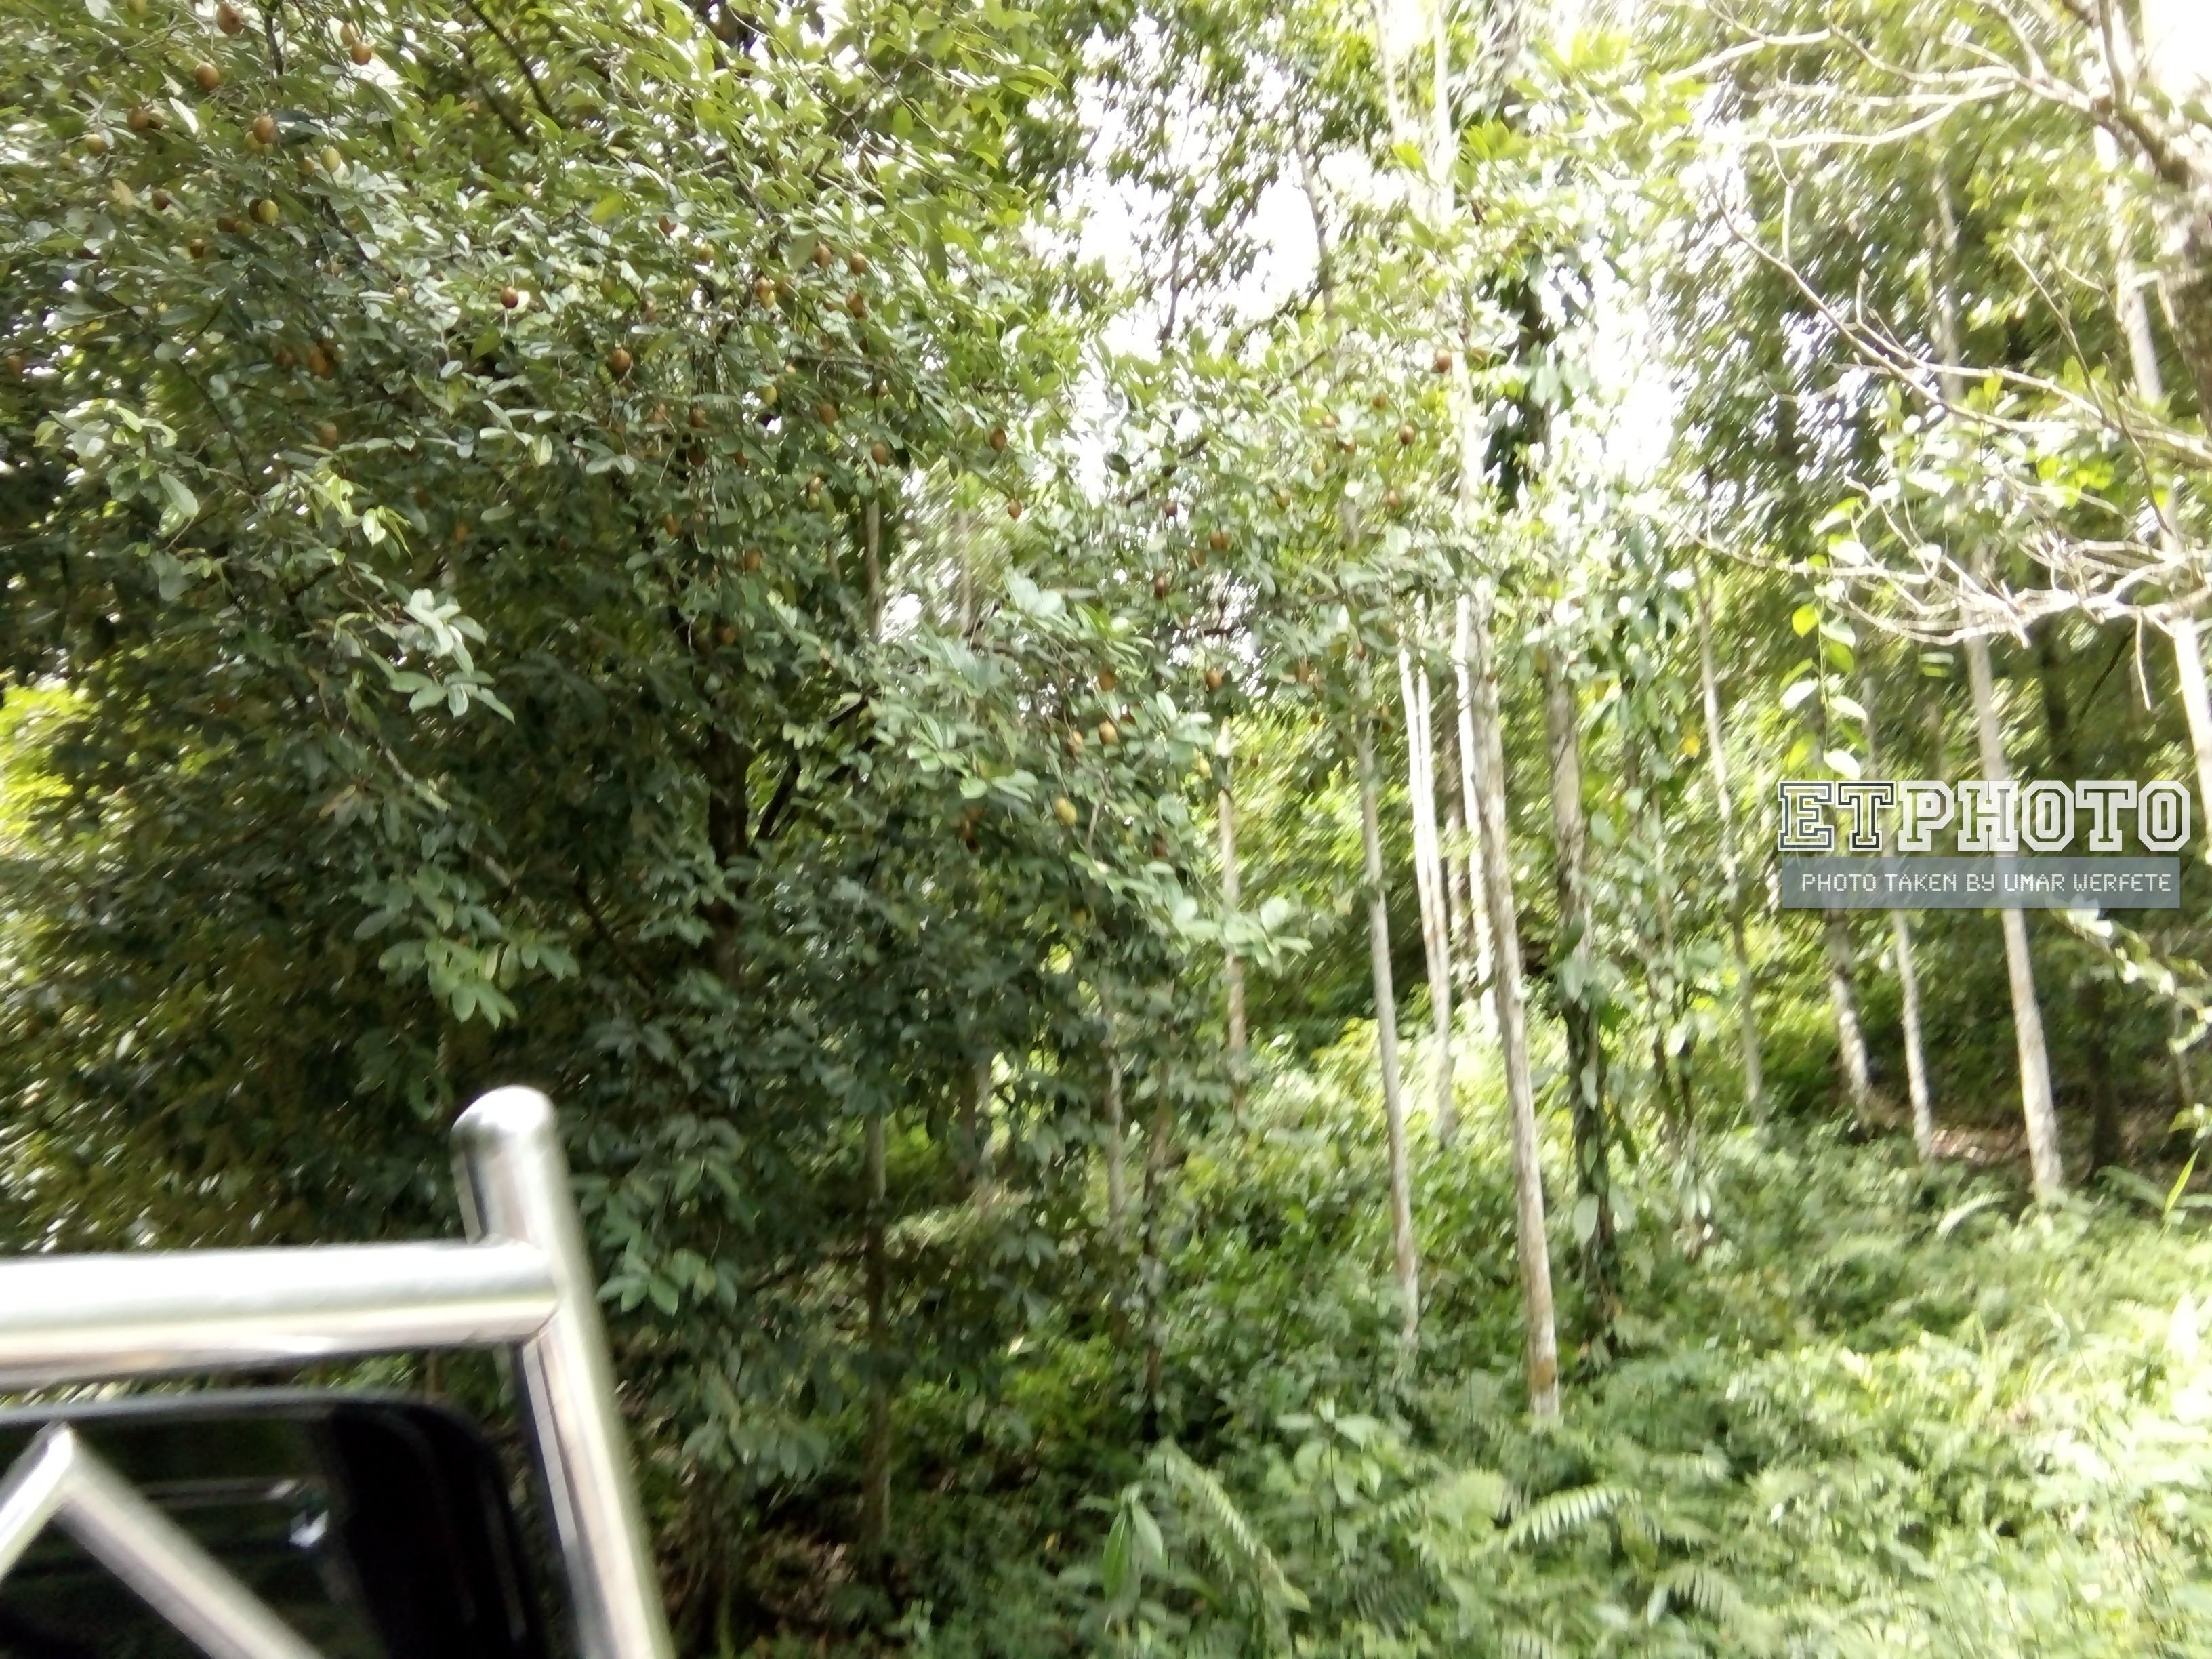 Pohon Pala di Tepi Jalan yang padat dengan buah yang hampir matang untuk dipanen